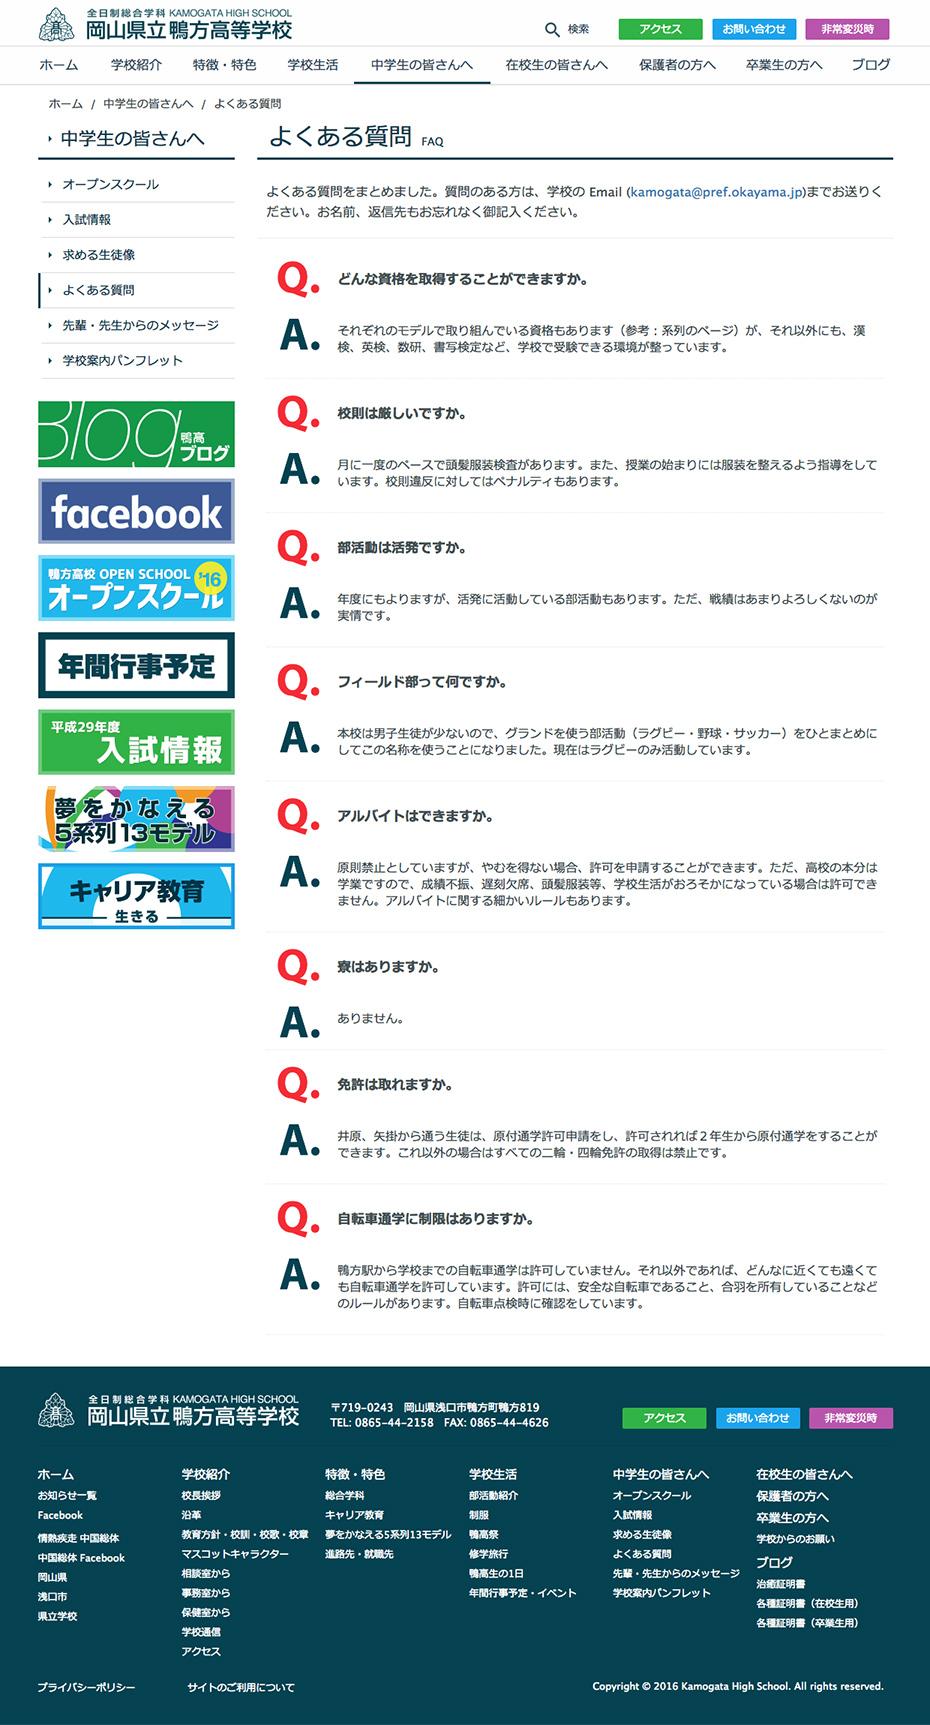 岡山県立鴨方高等学校様 ホームページ よくあるご質問